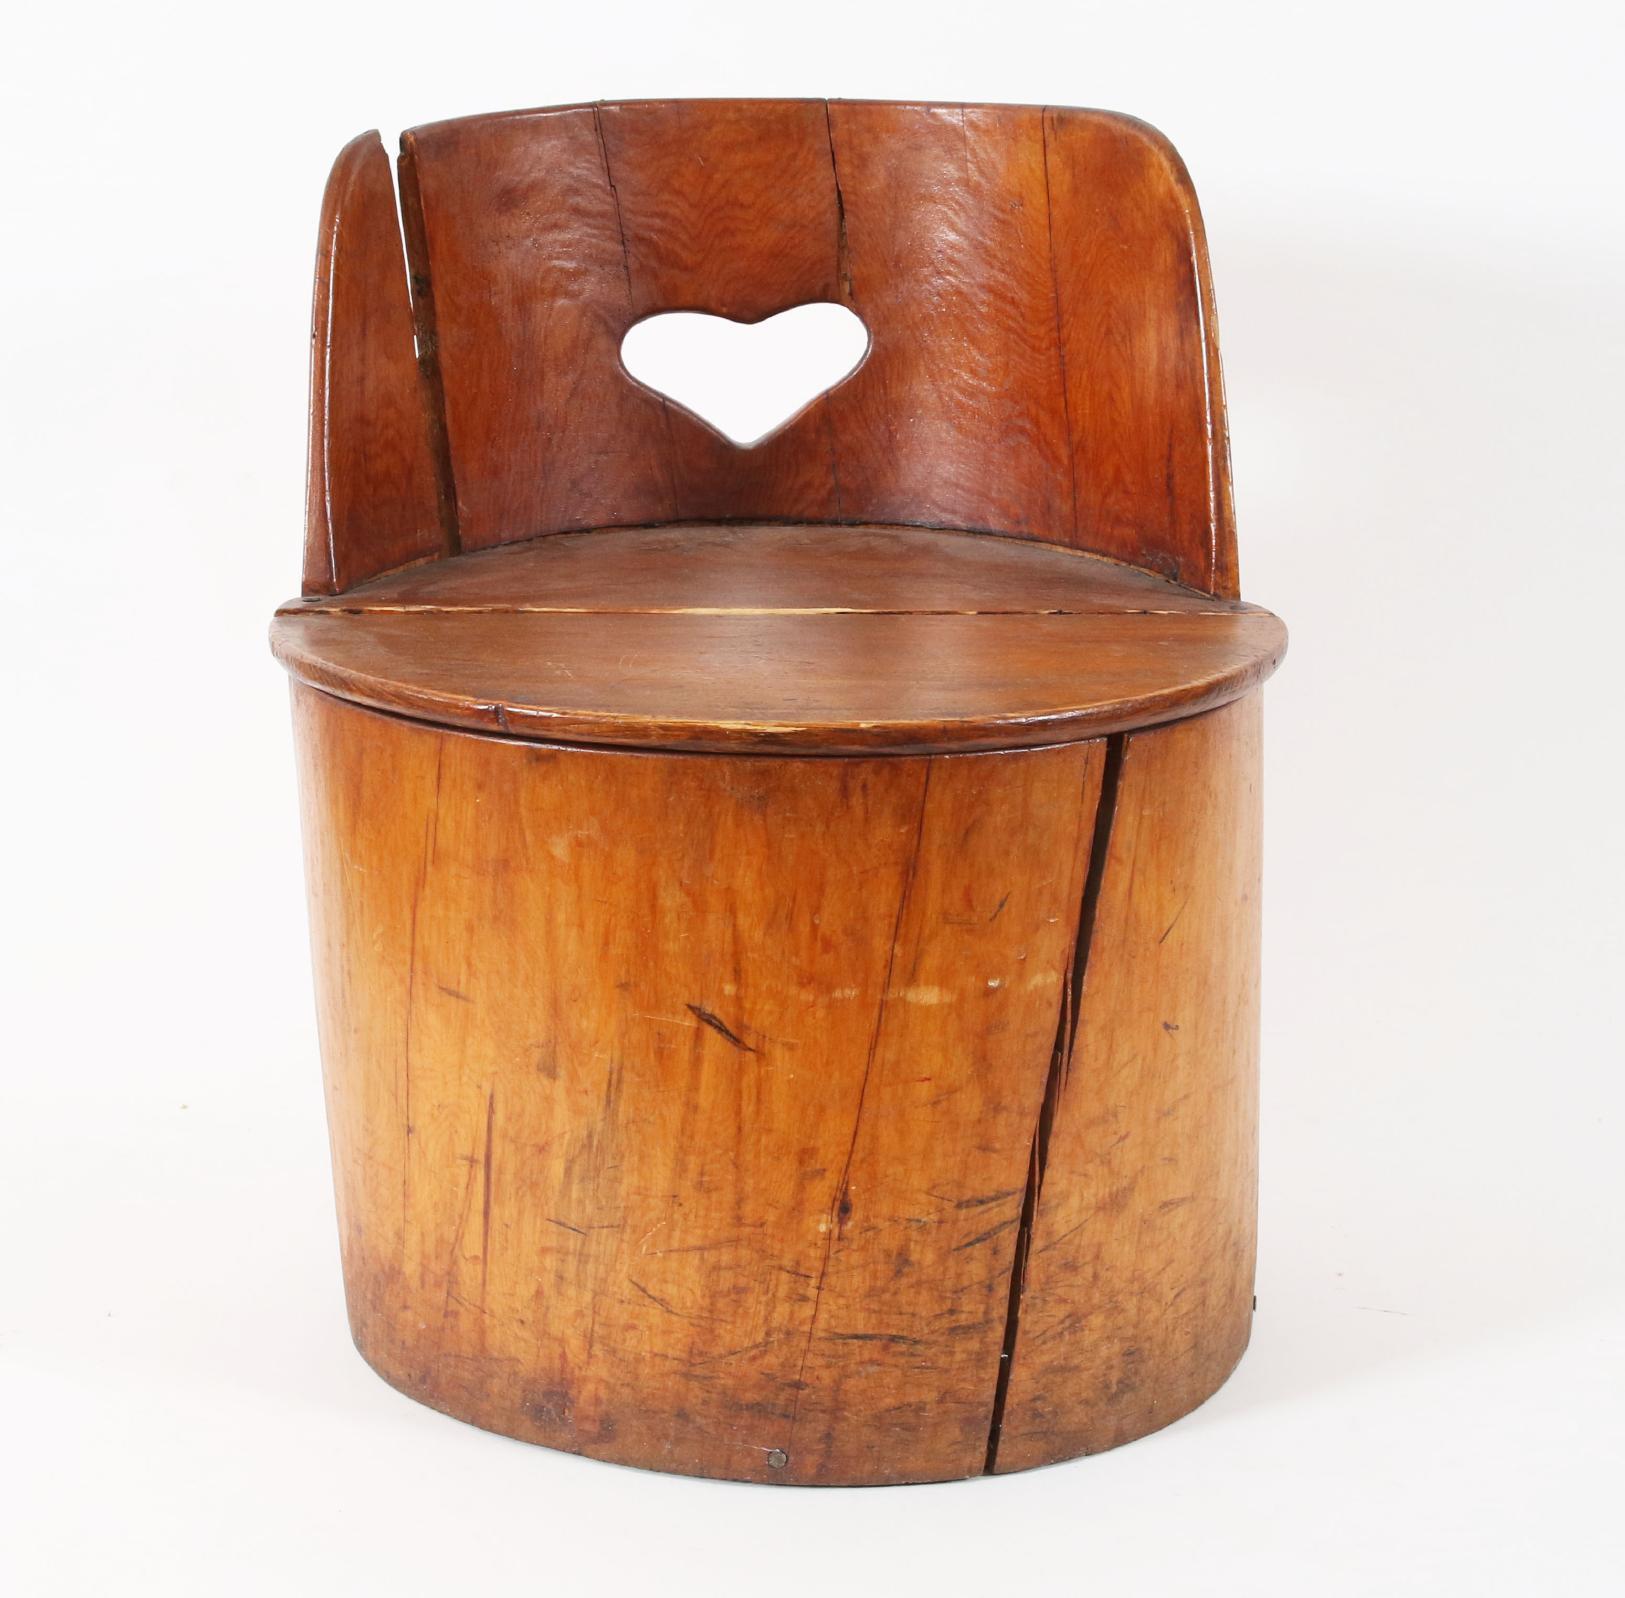 Kubbstol för barn, 1900-talets första hälft. Startpris: 100 sek. Dalarnas Auktionsbyrå.